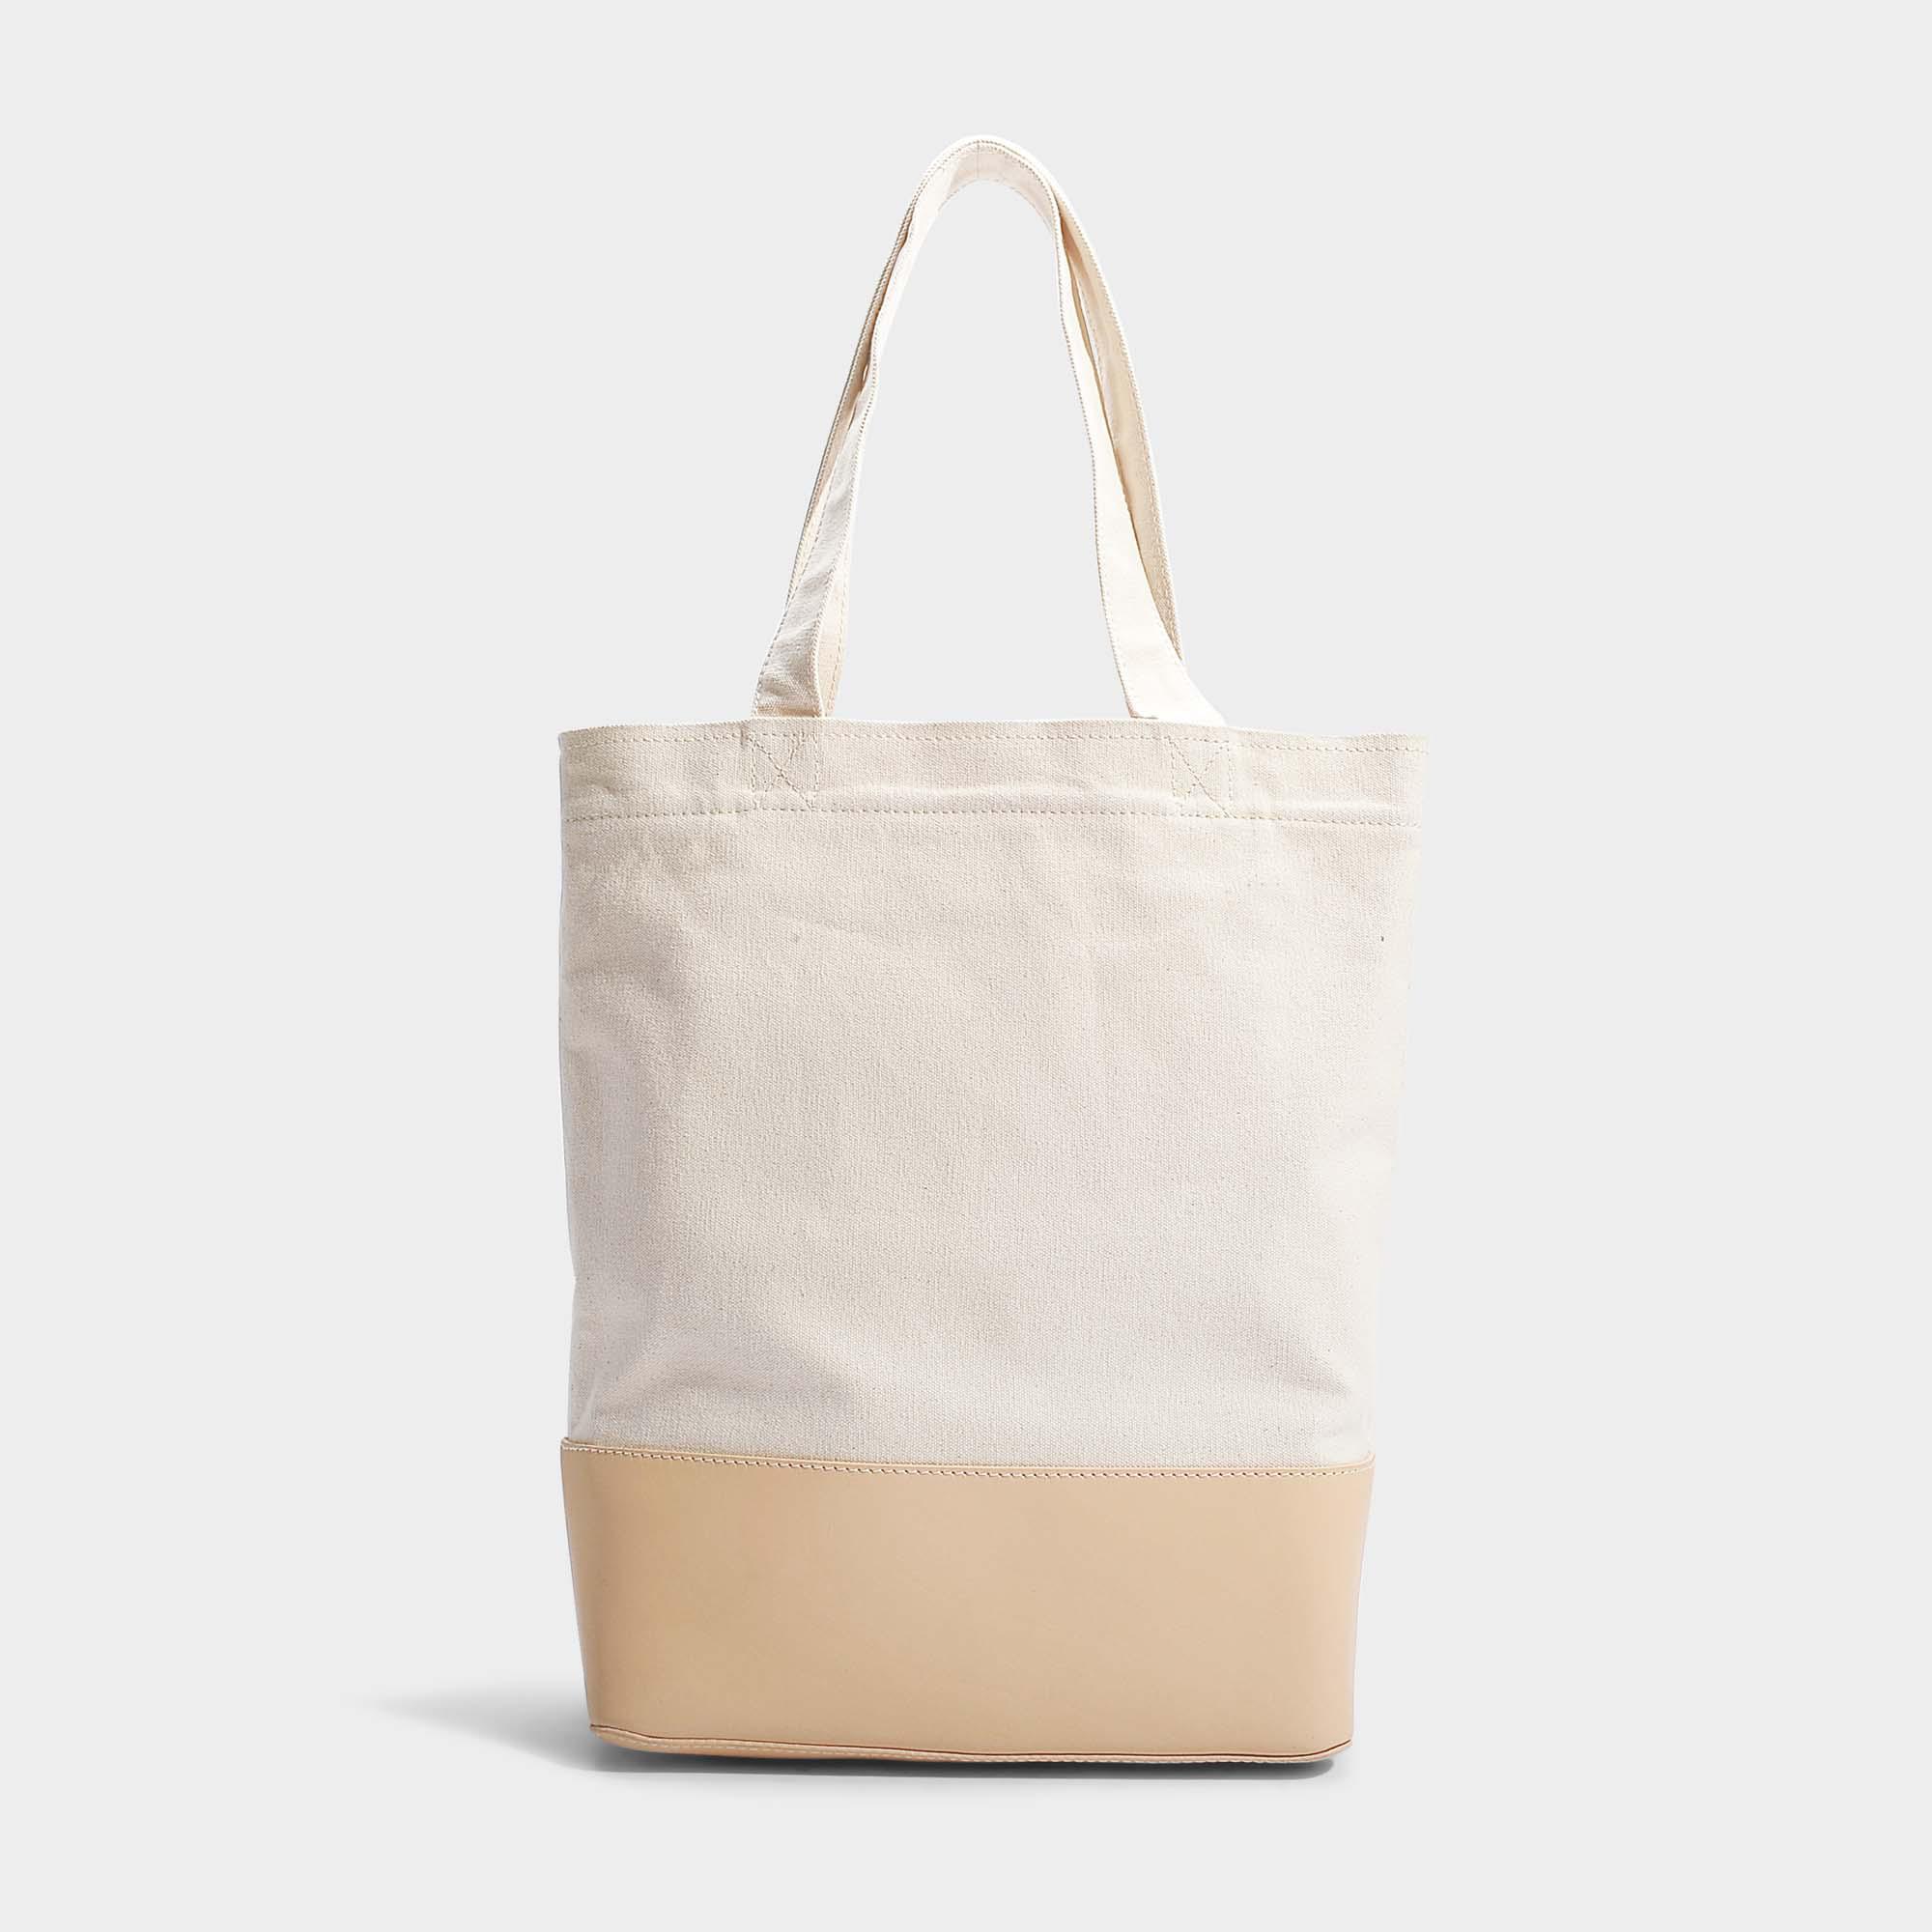 Tas Wanita Selempang Lus Beathag Bag Sophie Martin Paris Import Casual. Source · Gallery